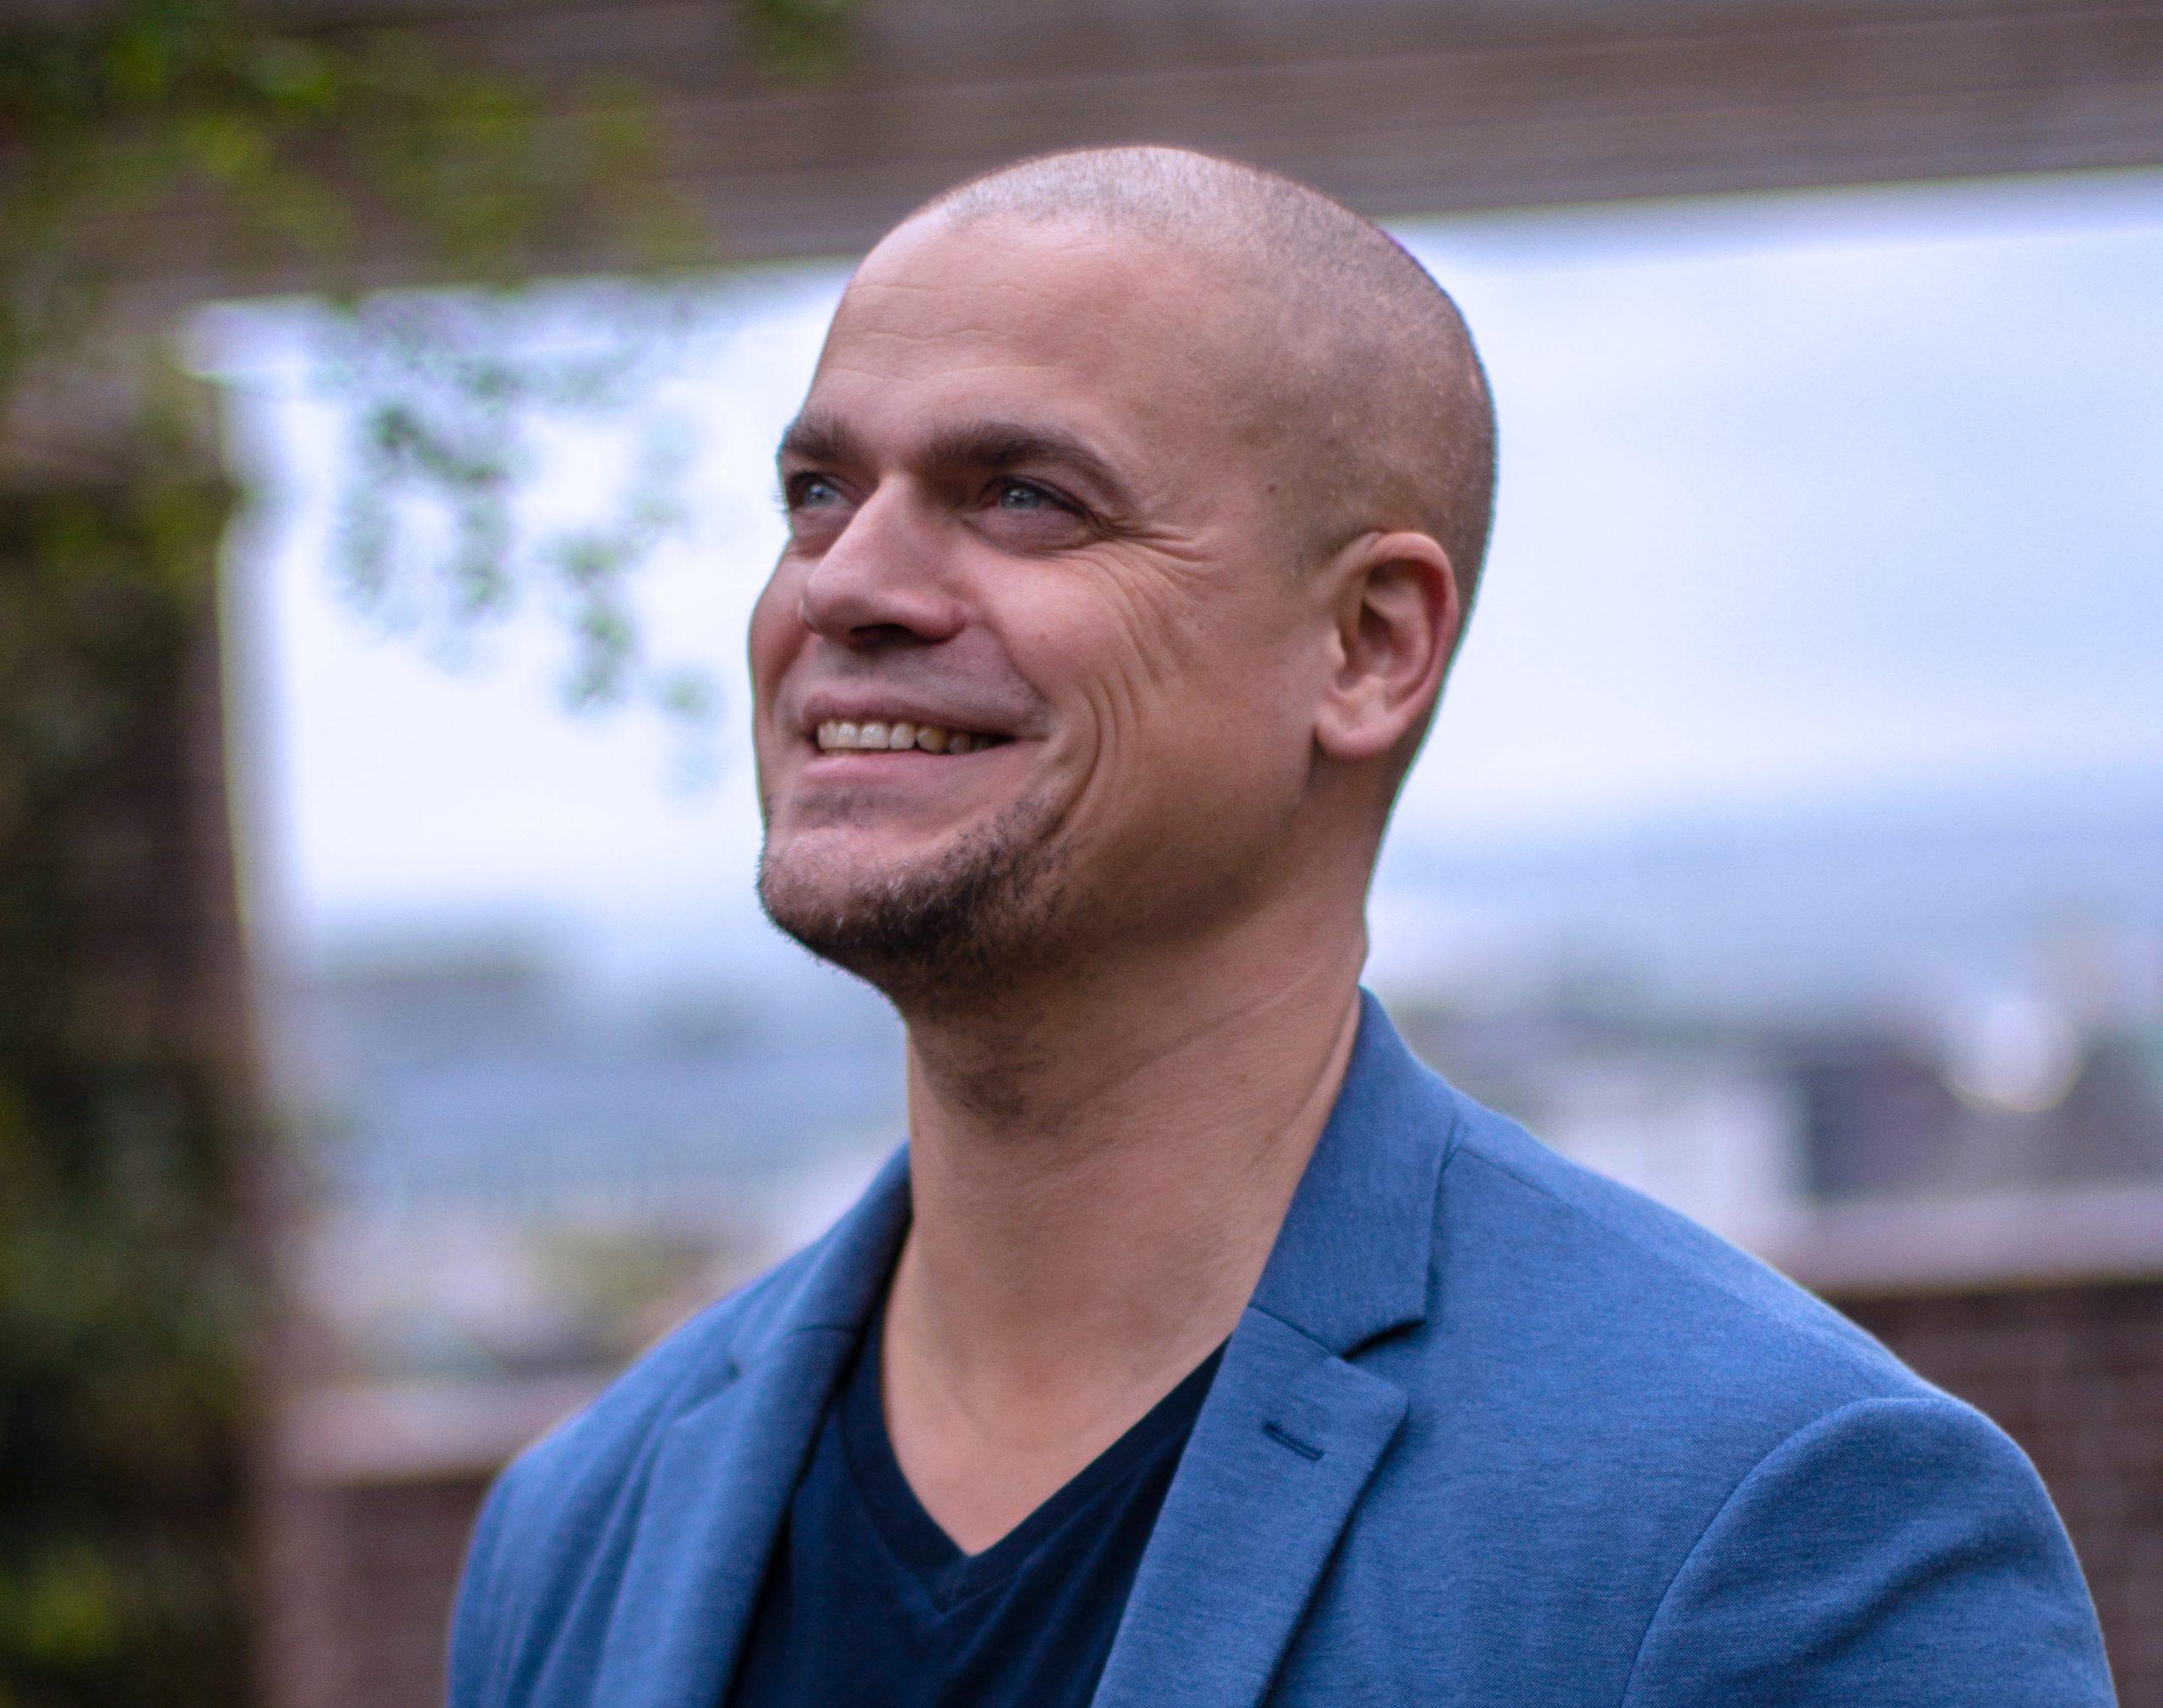 Andreas Bossen